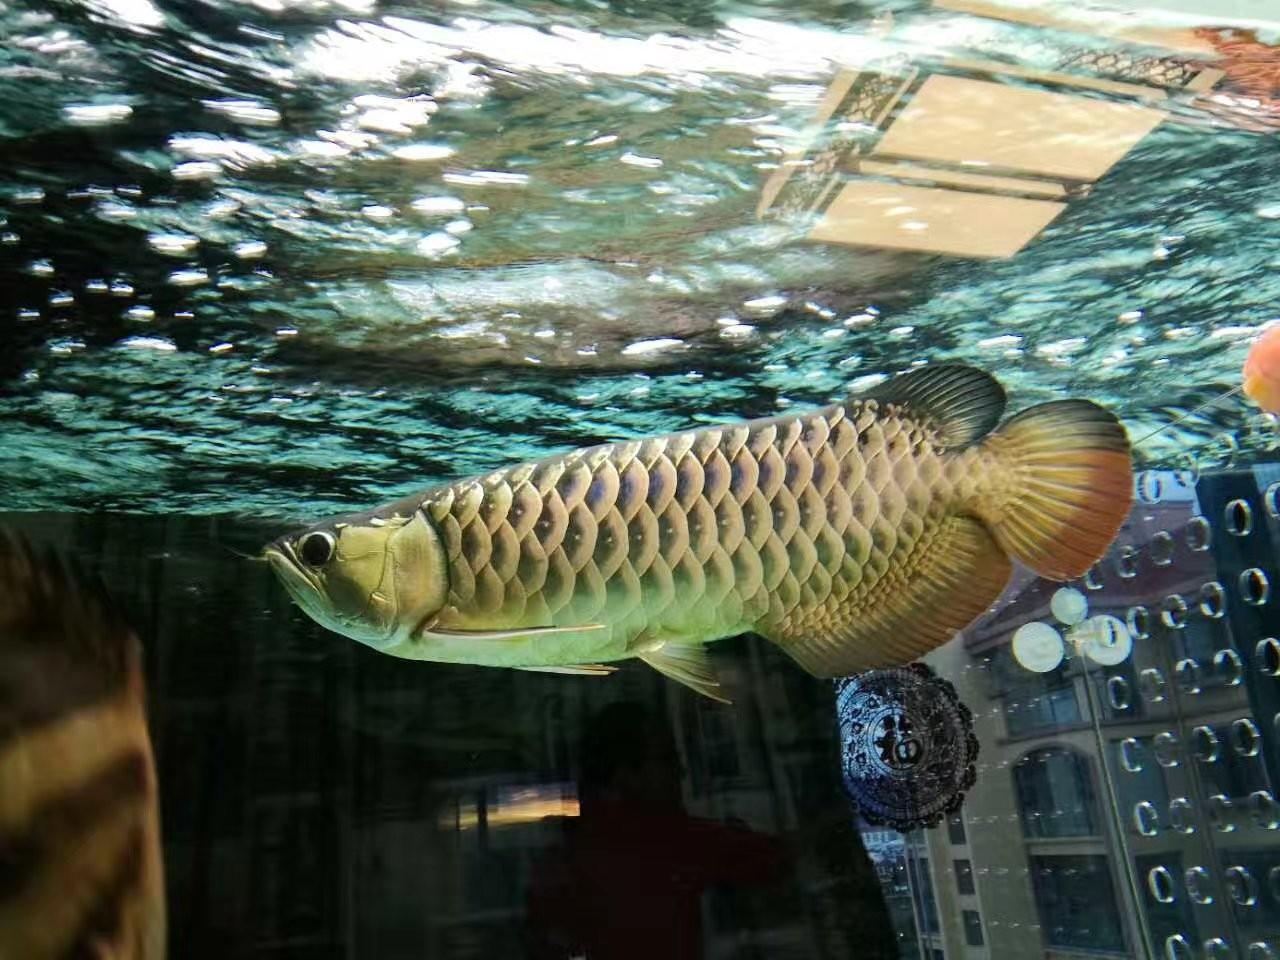 【西安黑桃A鱼】自然光透缸努力发色中 西安观赏鱼信息 西安博特第7张